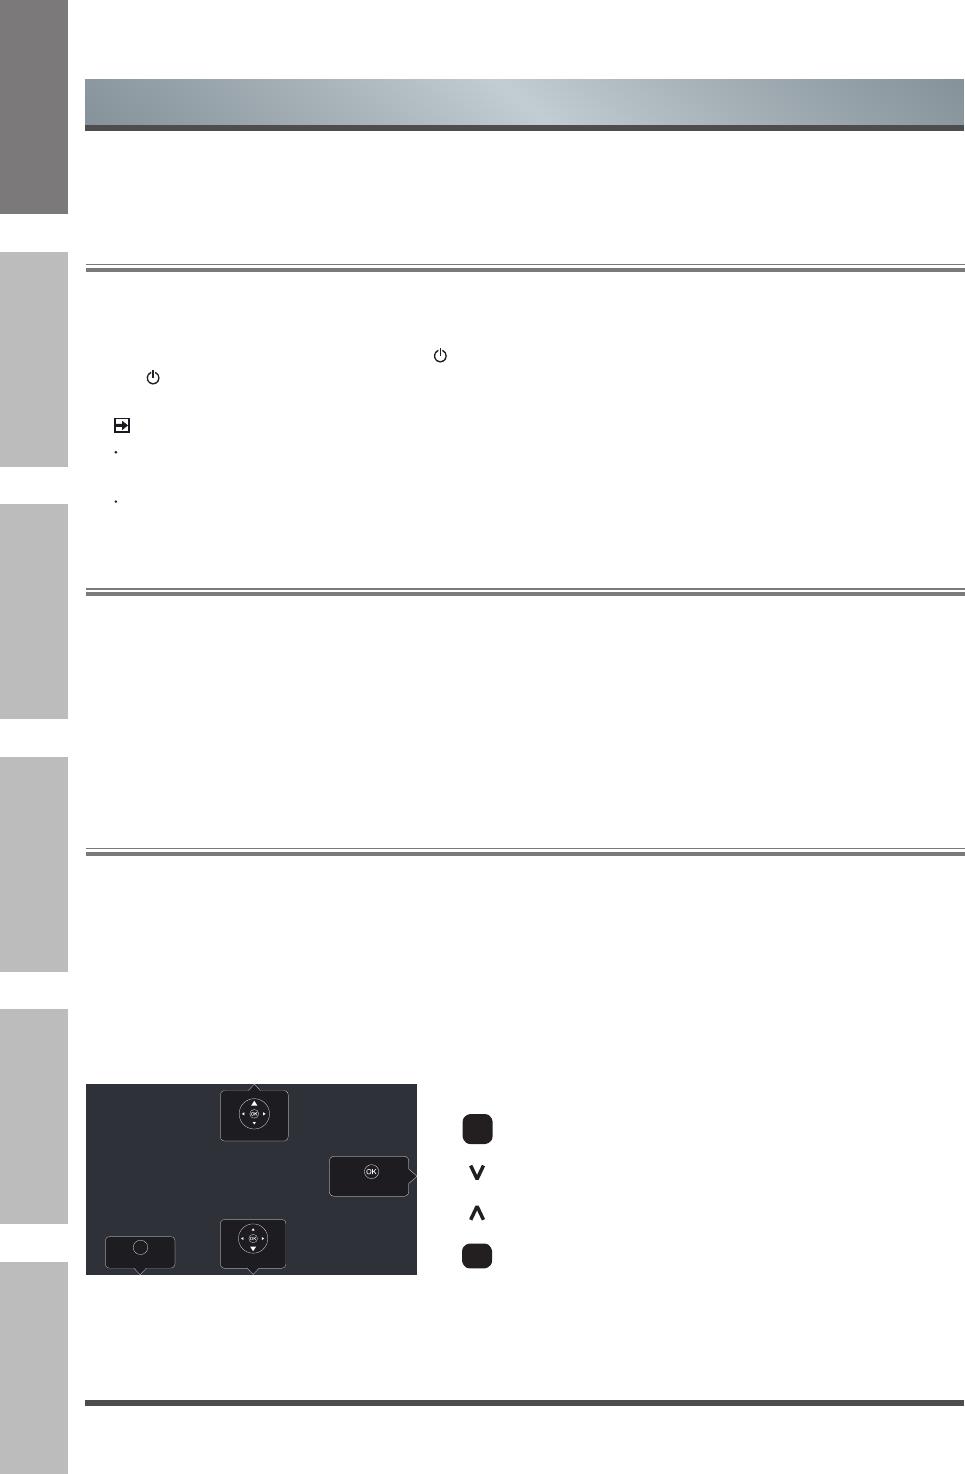 Handleiding Hisense HE50KEC315UWTS-EC315 (pagina 7 van 32) (English)